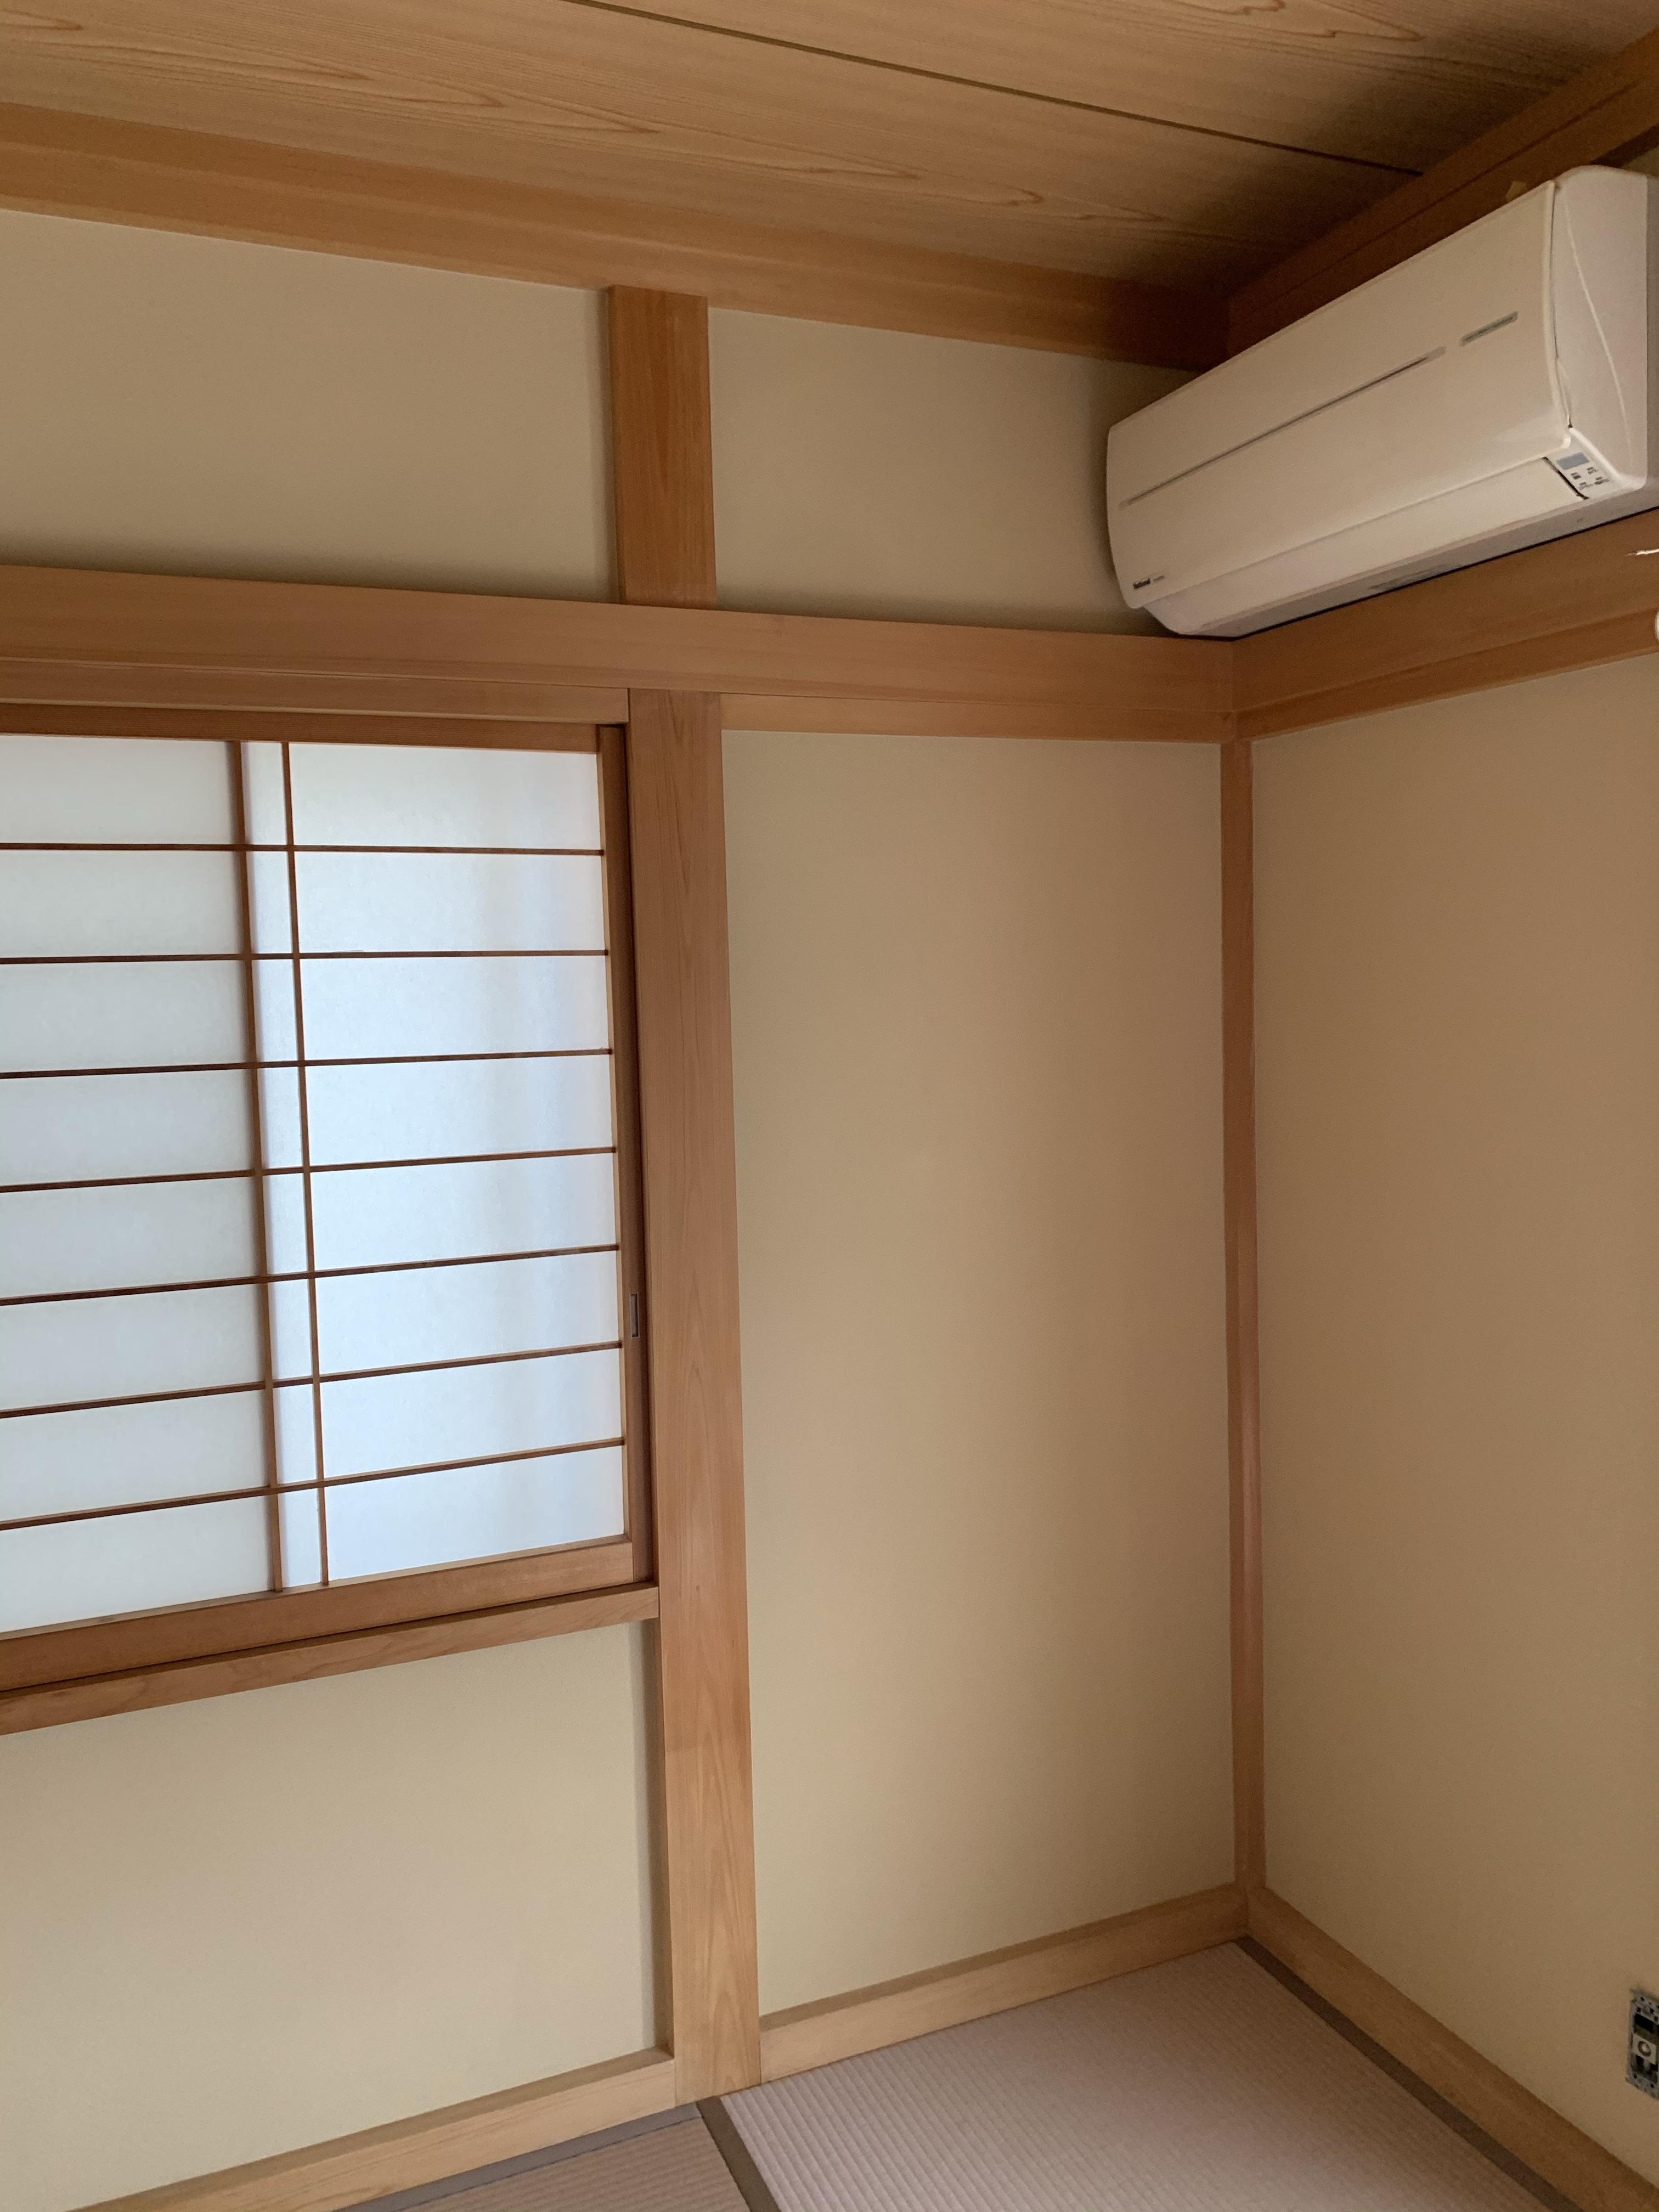 和室、京壁のリフォーム